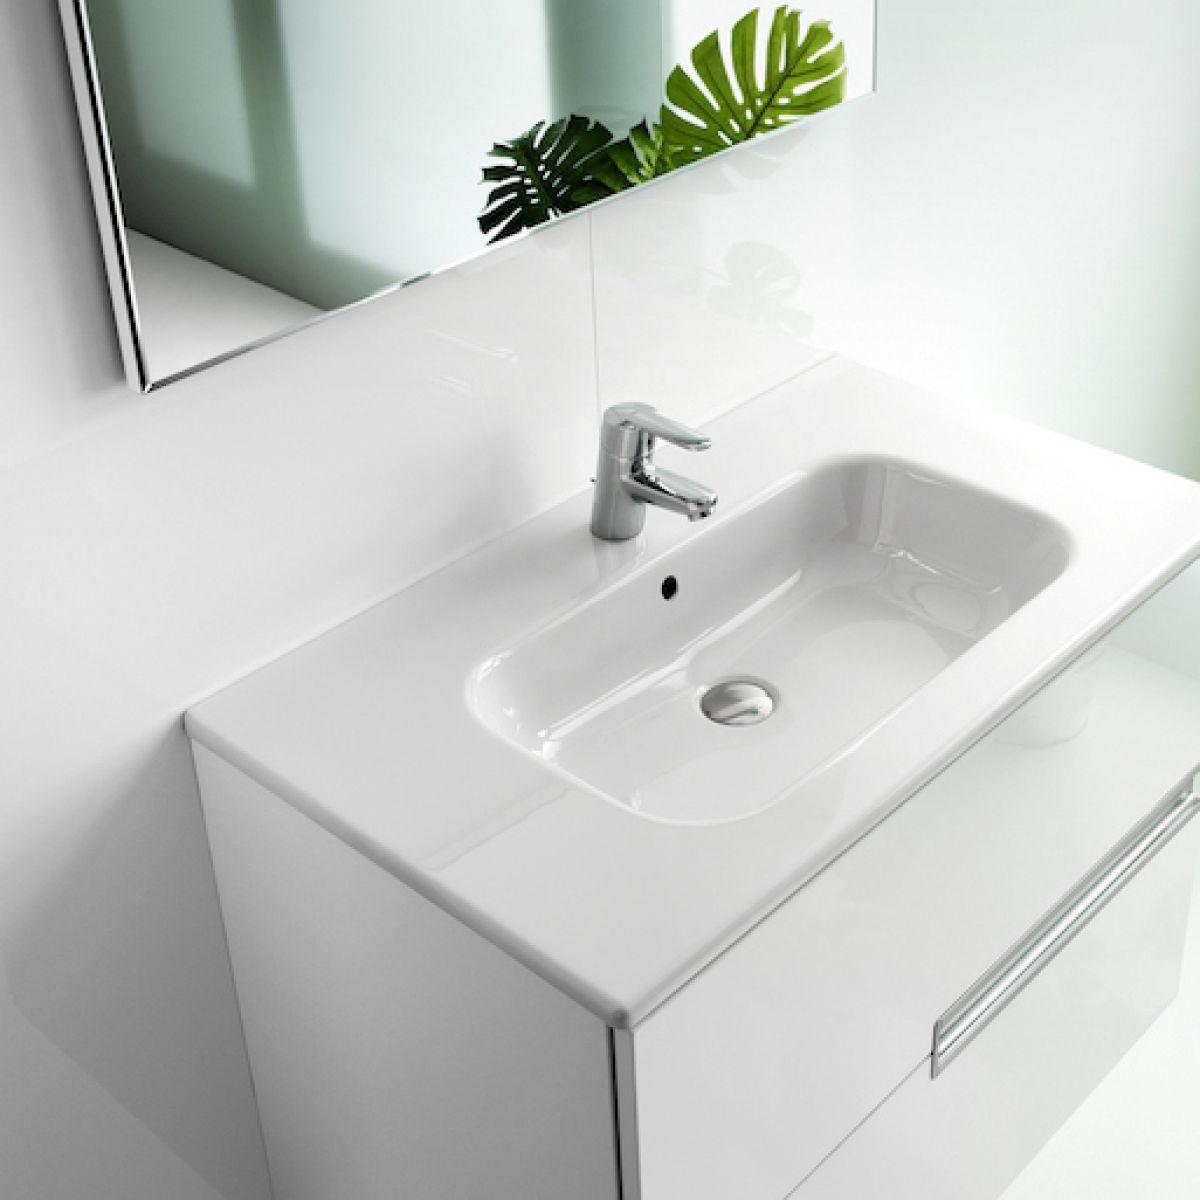 Roca victoria n mirror uk bathrooms for Roca victoria